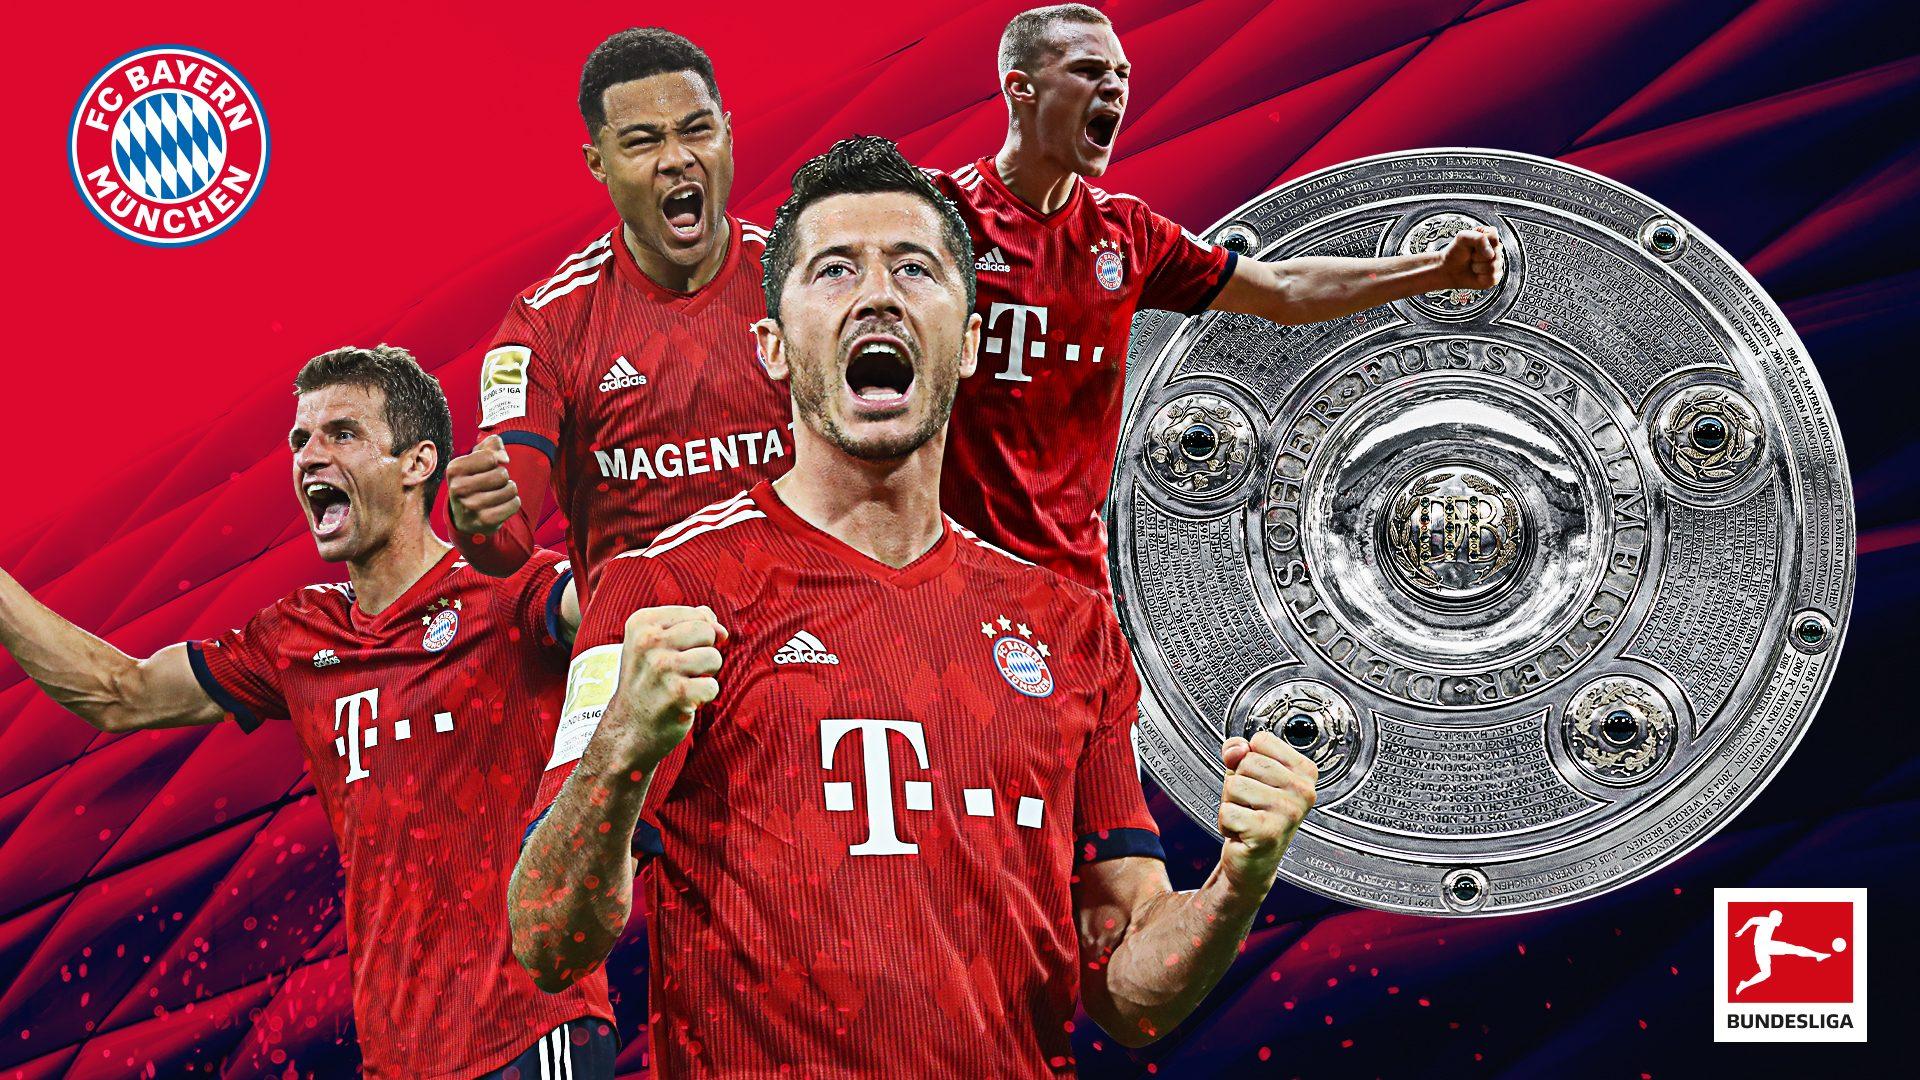 Bayern Munich Wallpaper 2018 | Webphotos.org